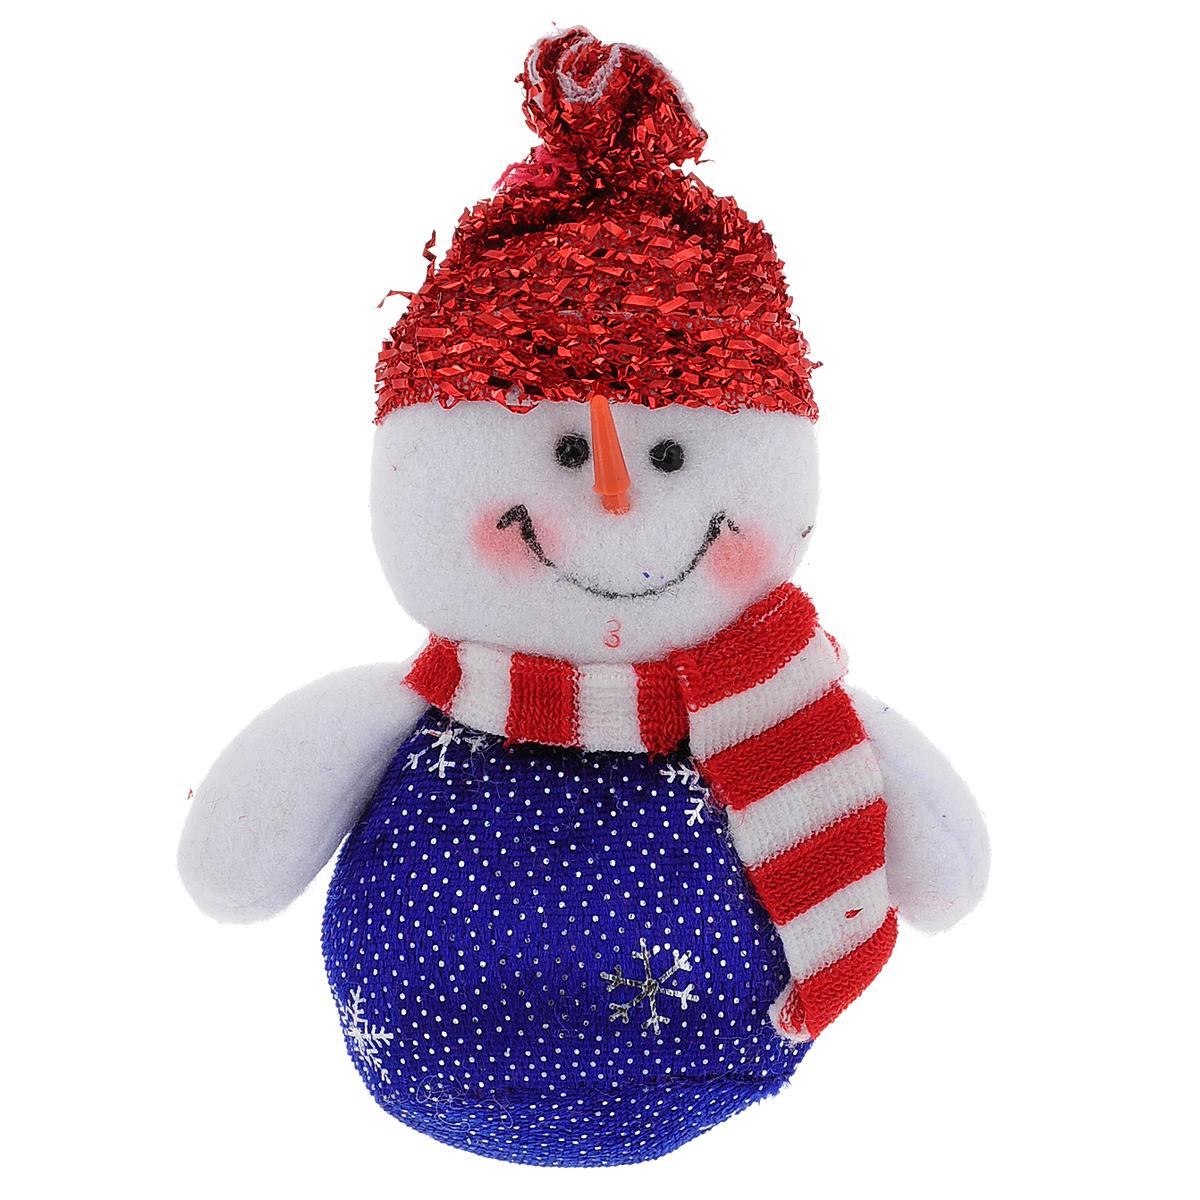 Новогоднее подвесное украшение Снеговик. 35419NLED-424-2.5W-RОригинальное новогоднее украшение из пластика прекрасно подойдет для праздничного декора дома и новогодней ели. Изделие крепится на елку с помощью металлического зажима.